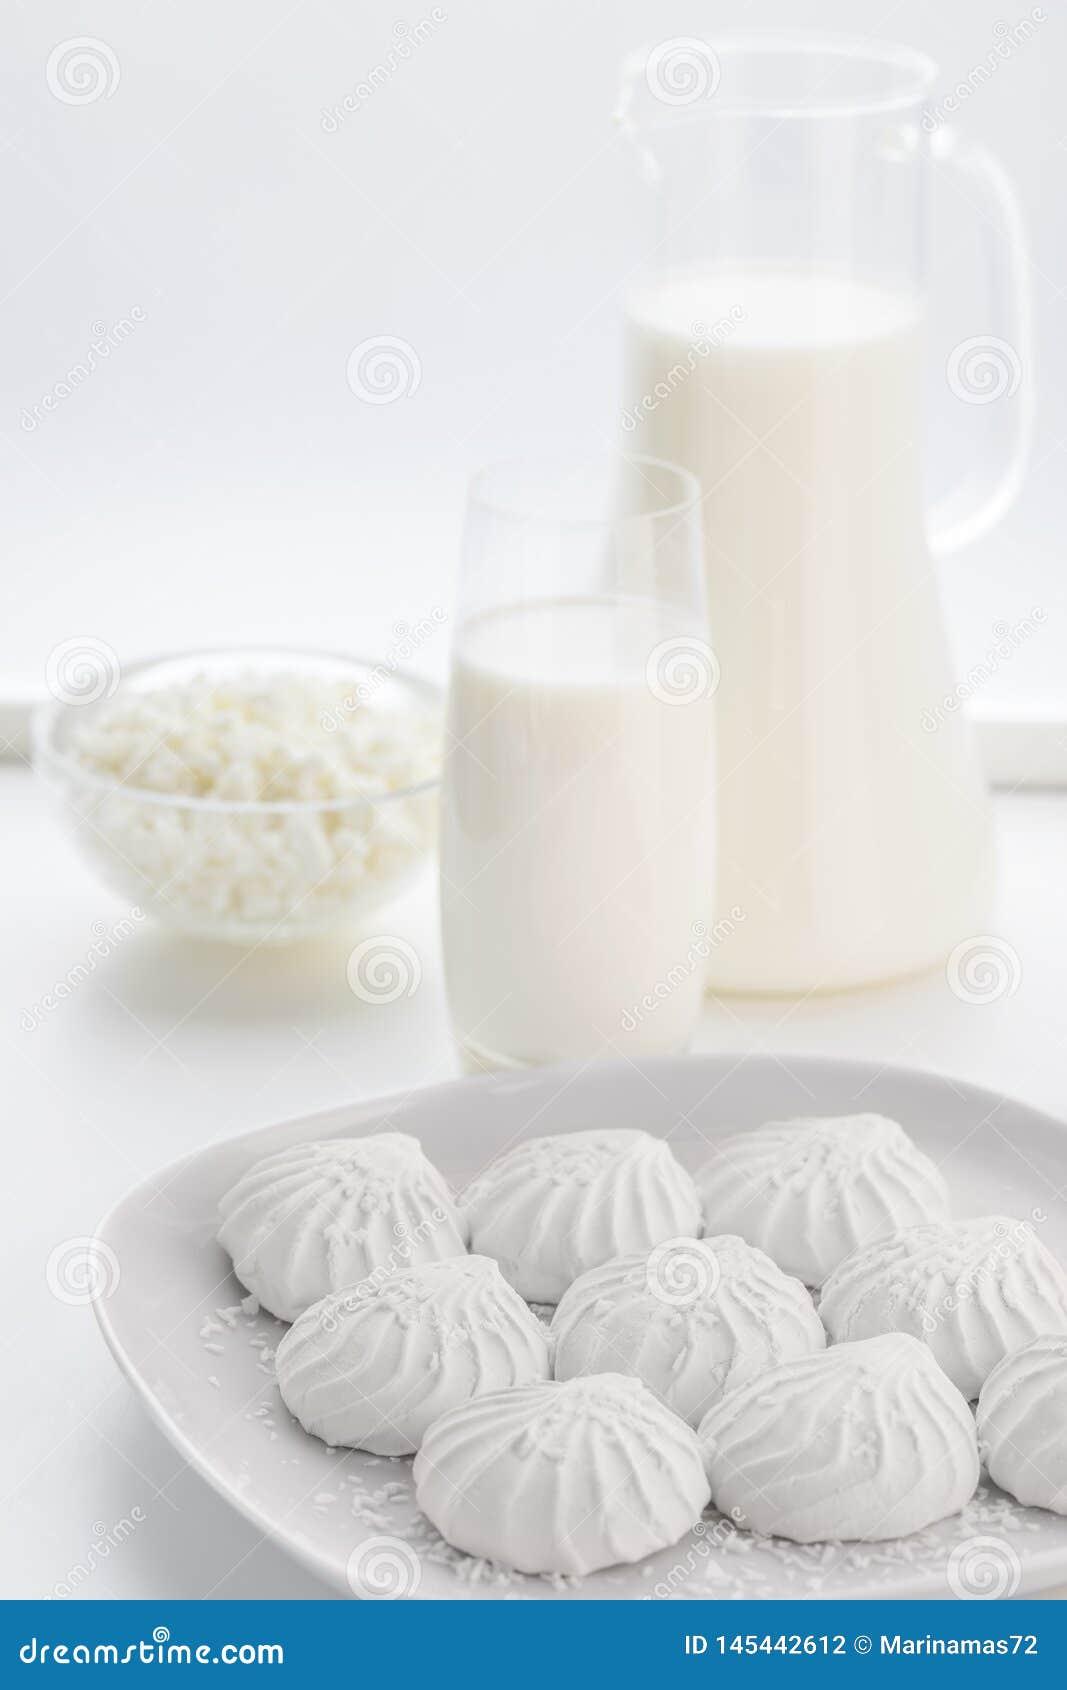 白色蛋白软糖和牛奶在水罐